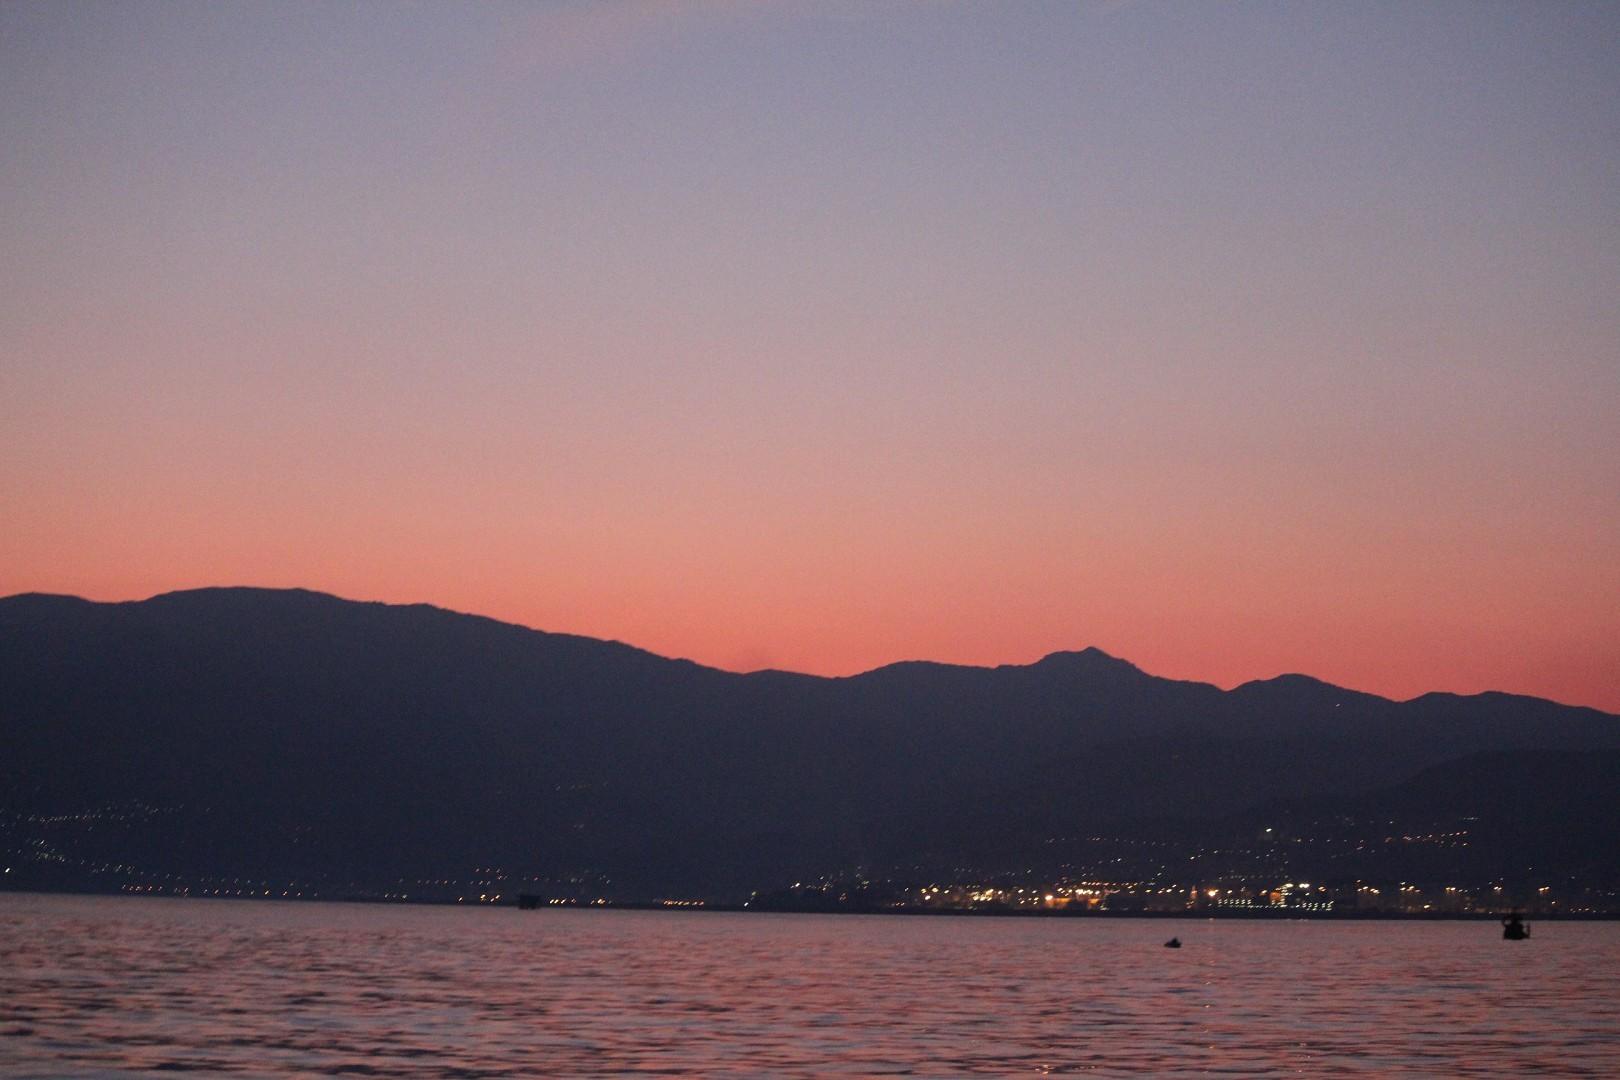 Tramonto a Portofino! Escursione serale  in battello a  Portofino con partenza da Genova per 1 persona a soli 14,90 anzichè 26. Per i più romantici!